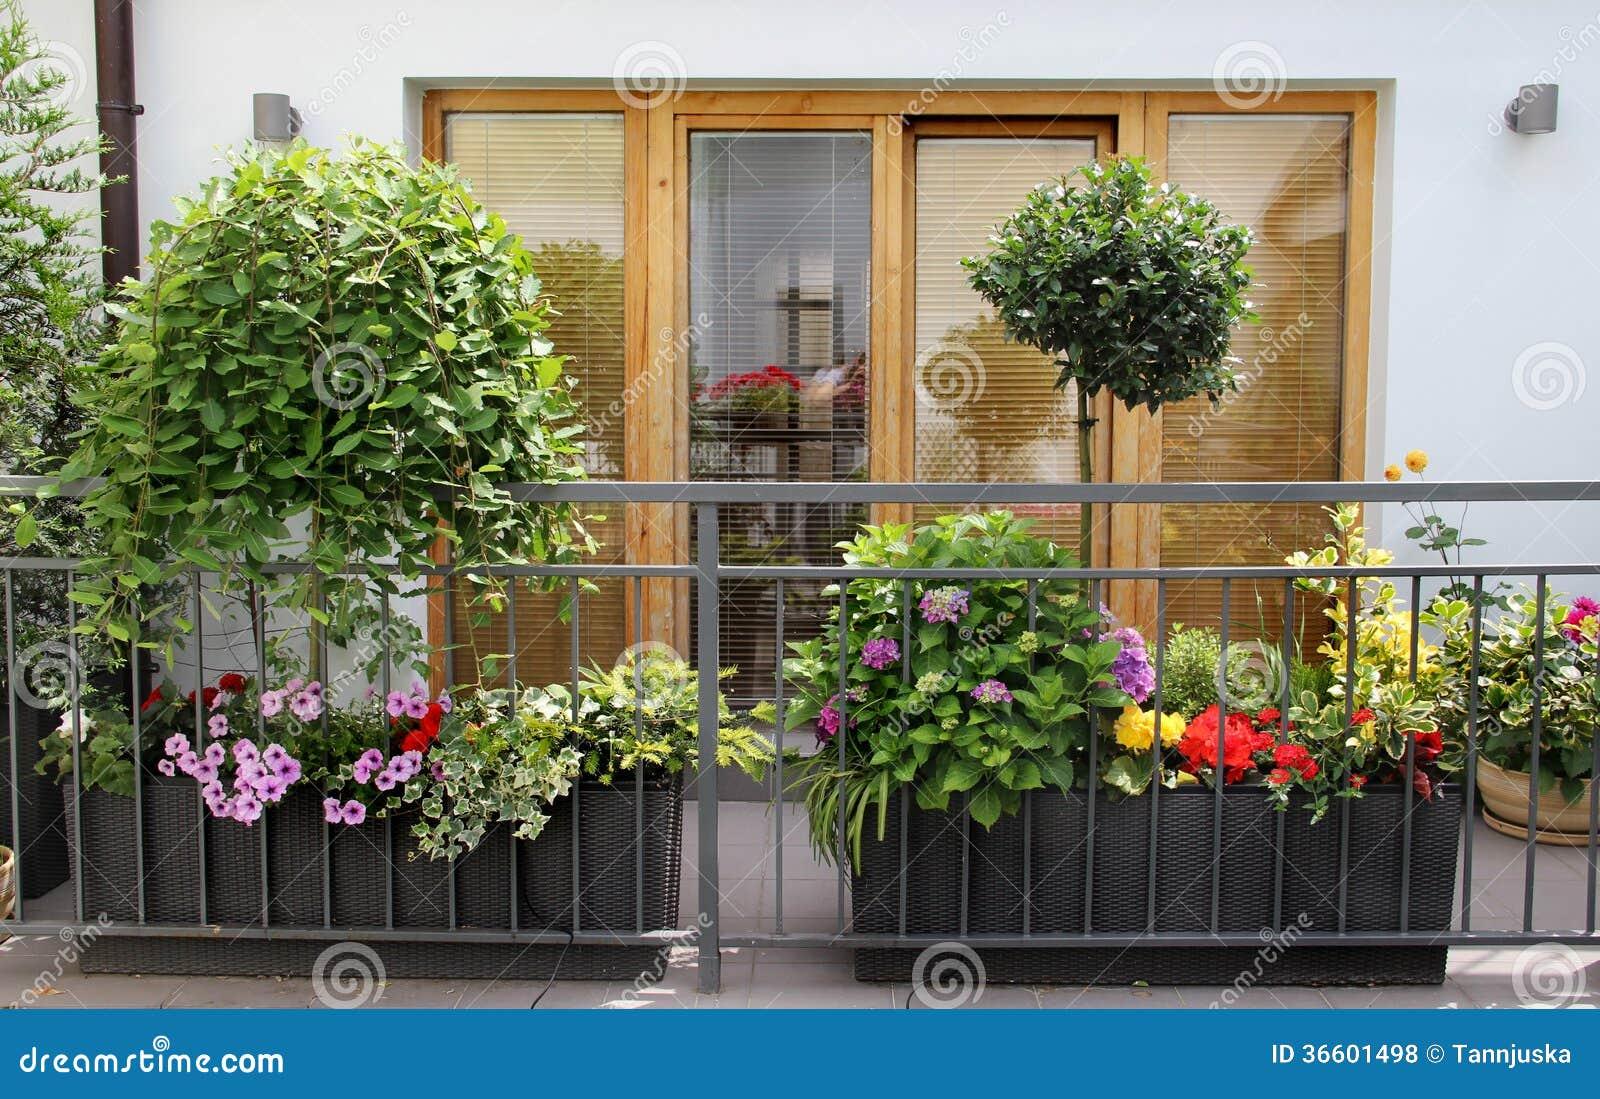 Mooi modern terras met heel wat bloemen stock foto afbeelding 36601498 for Wat lemmet terras betekent